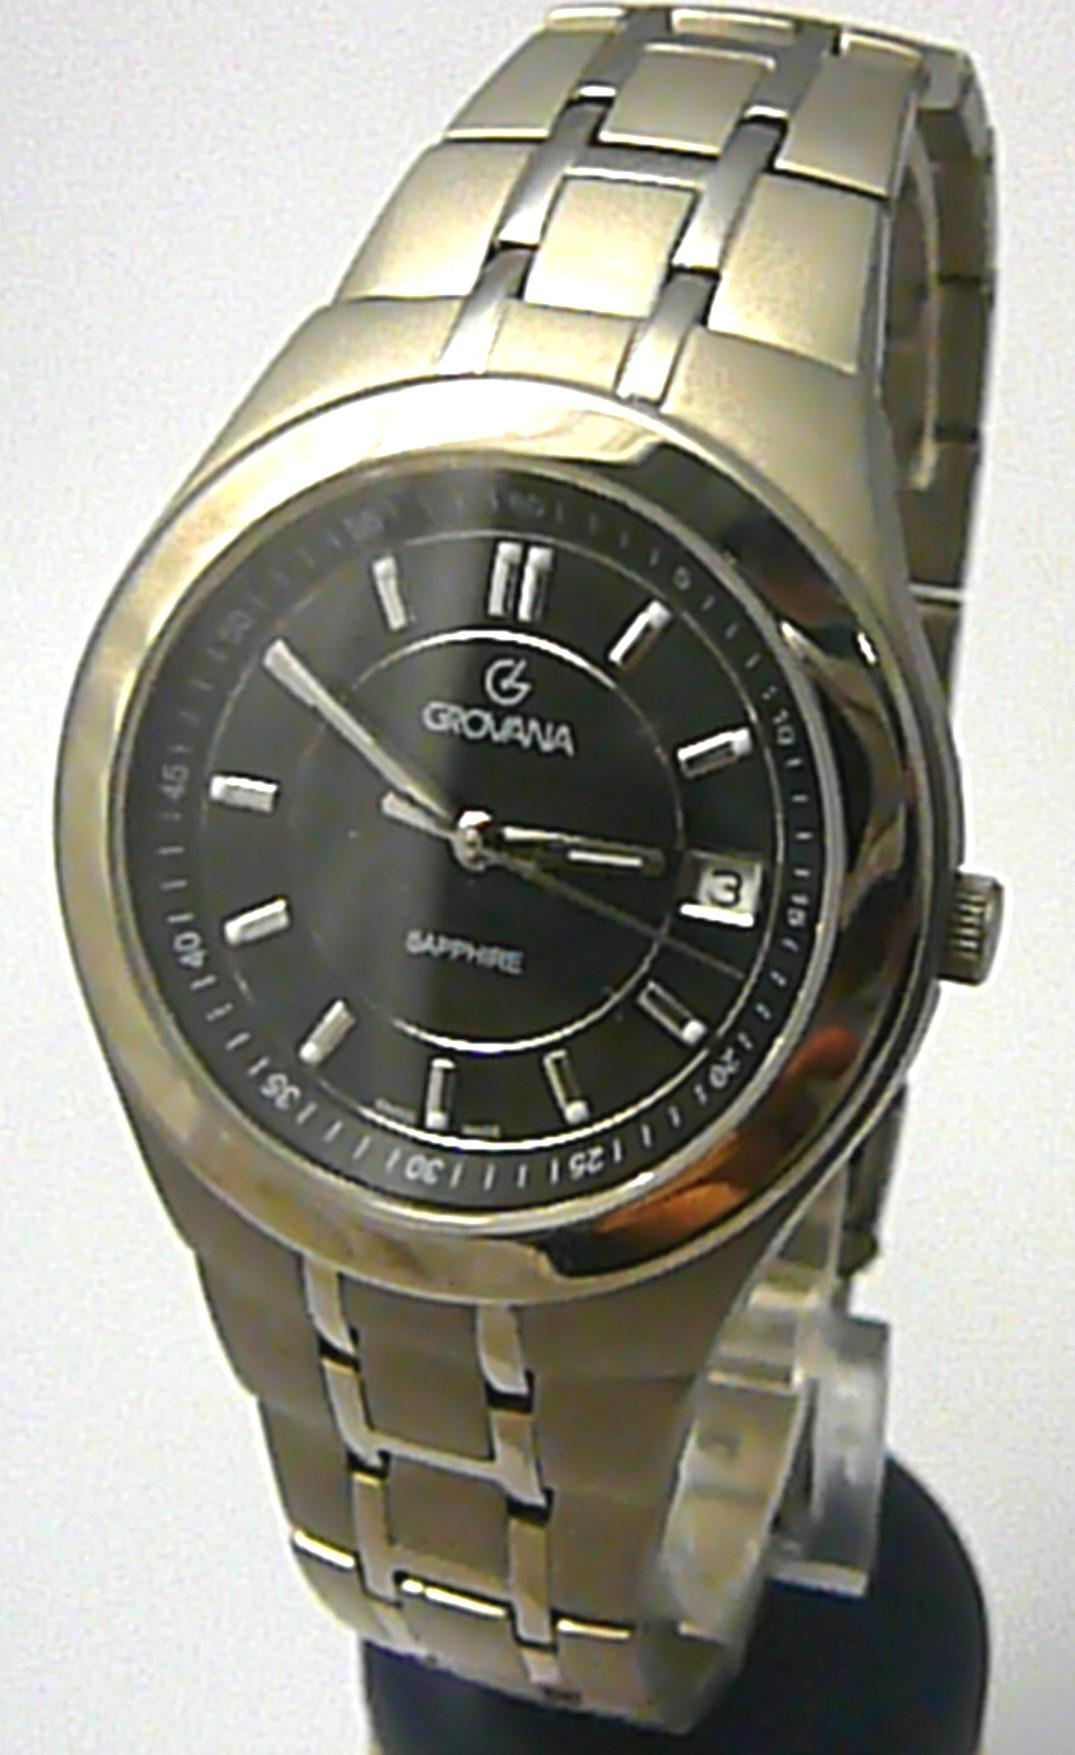 Pánské švýcarské celotitanové hodinky Grovana 1535.1197 - 5ATM safírové sklo POŠTOVNÉ ZDARMA! (1535.1197)